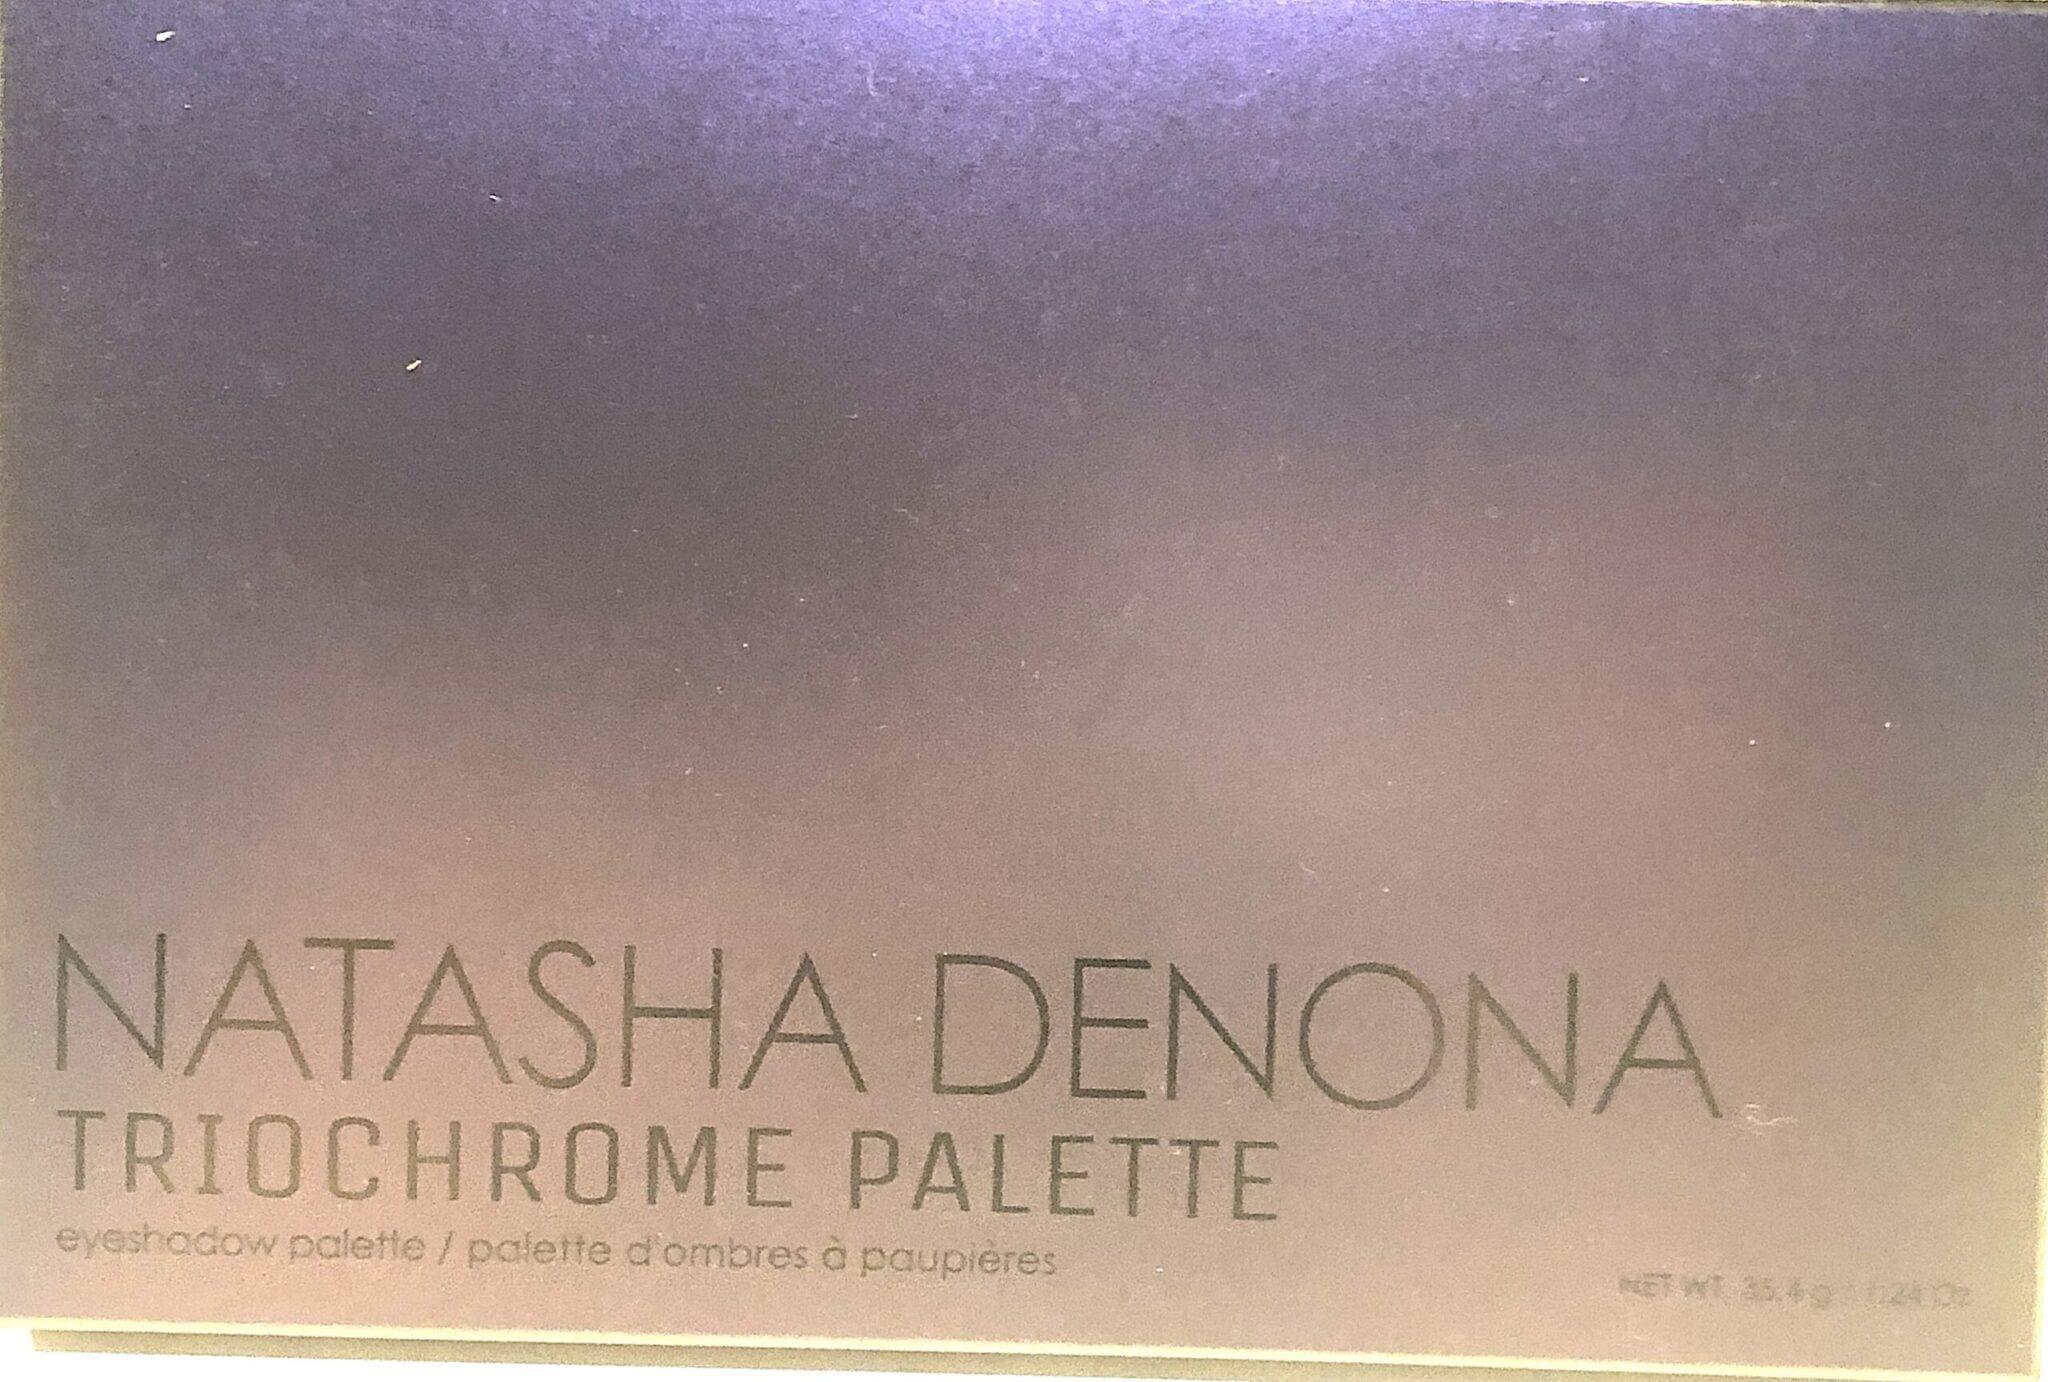 NATASHA DENONA TRIOCHROME PALETTE OUTER BOX SHADE SHIFTED